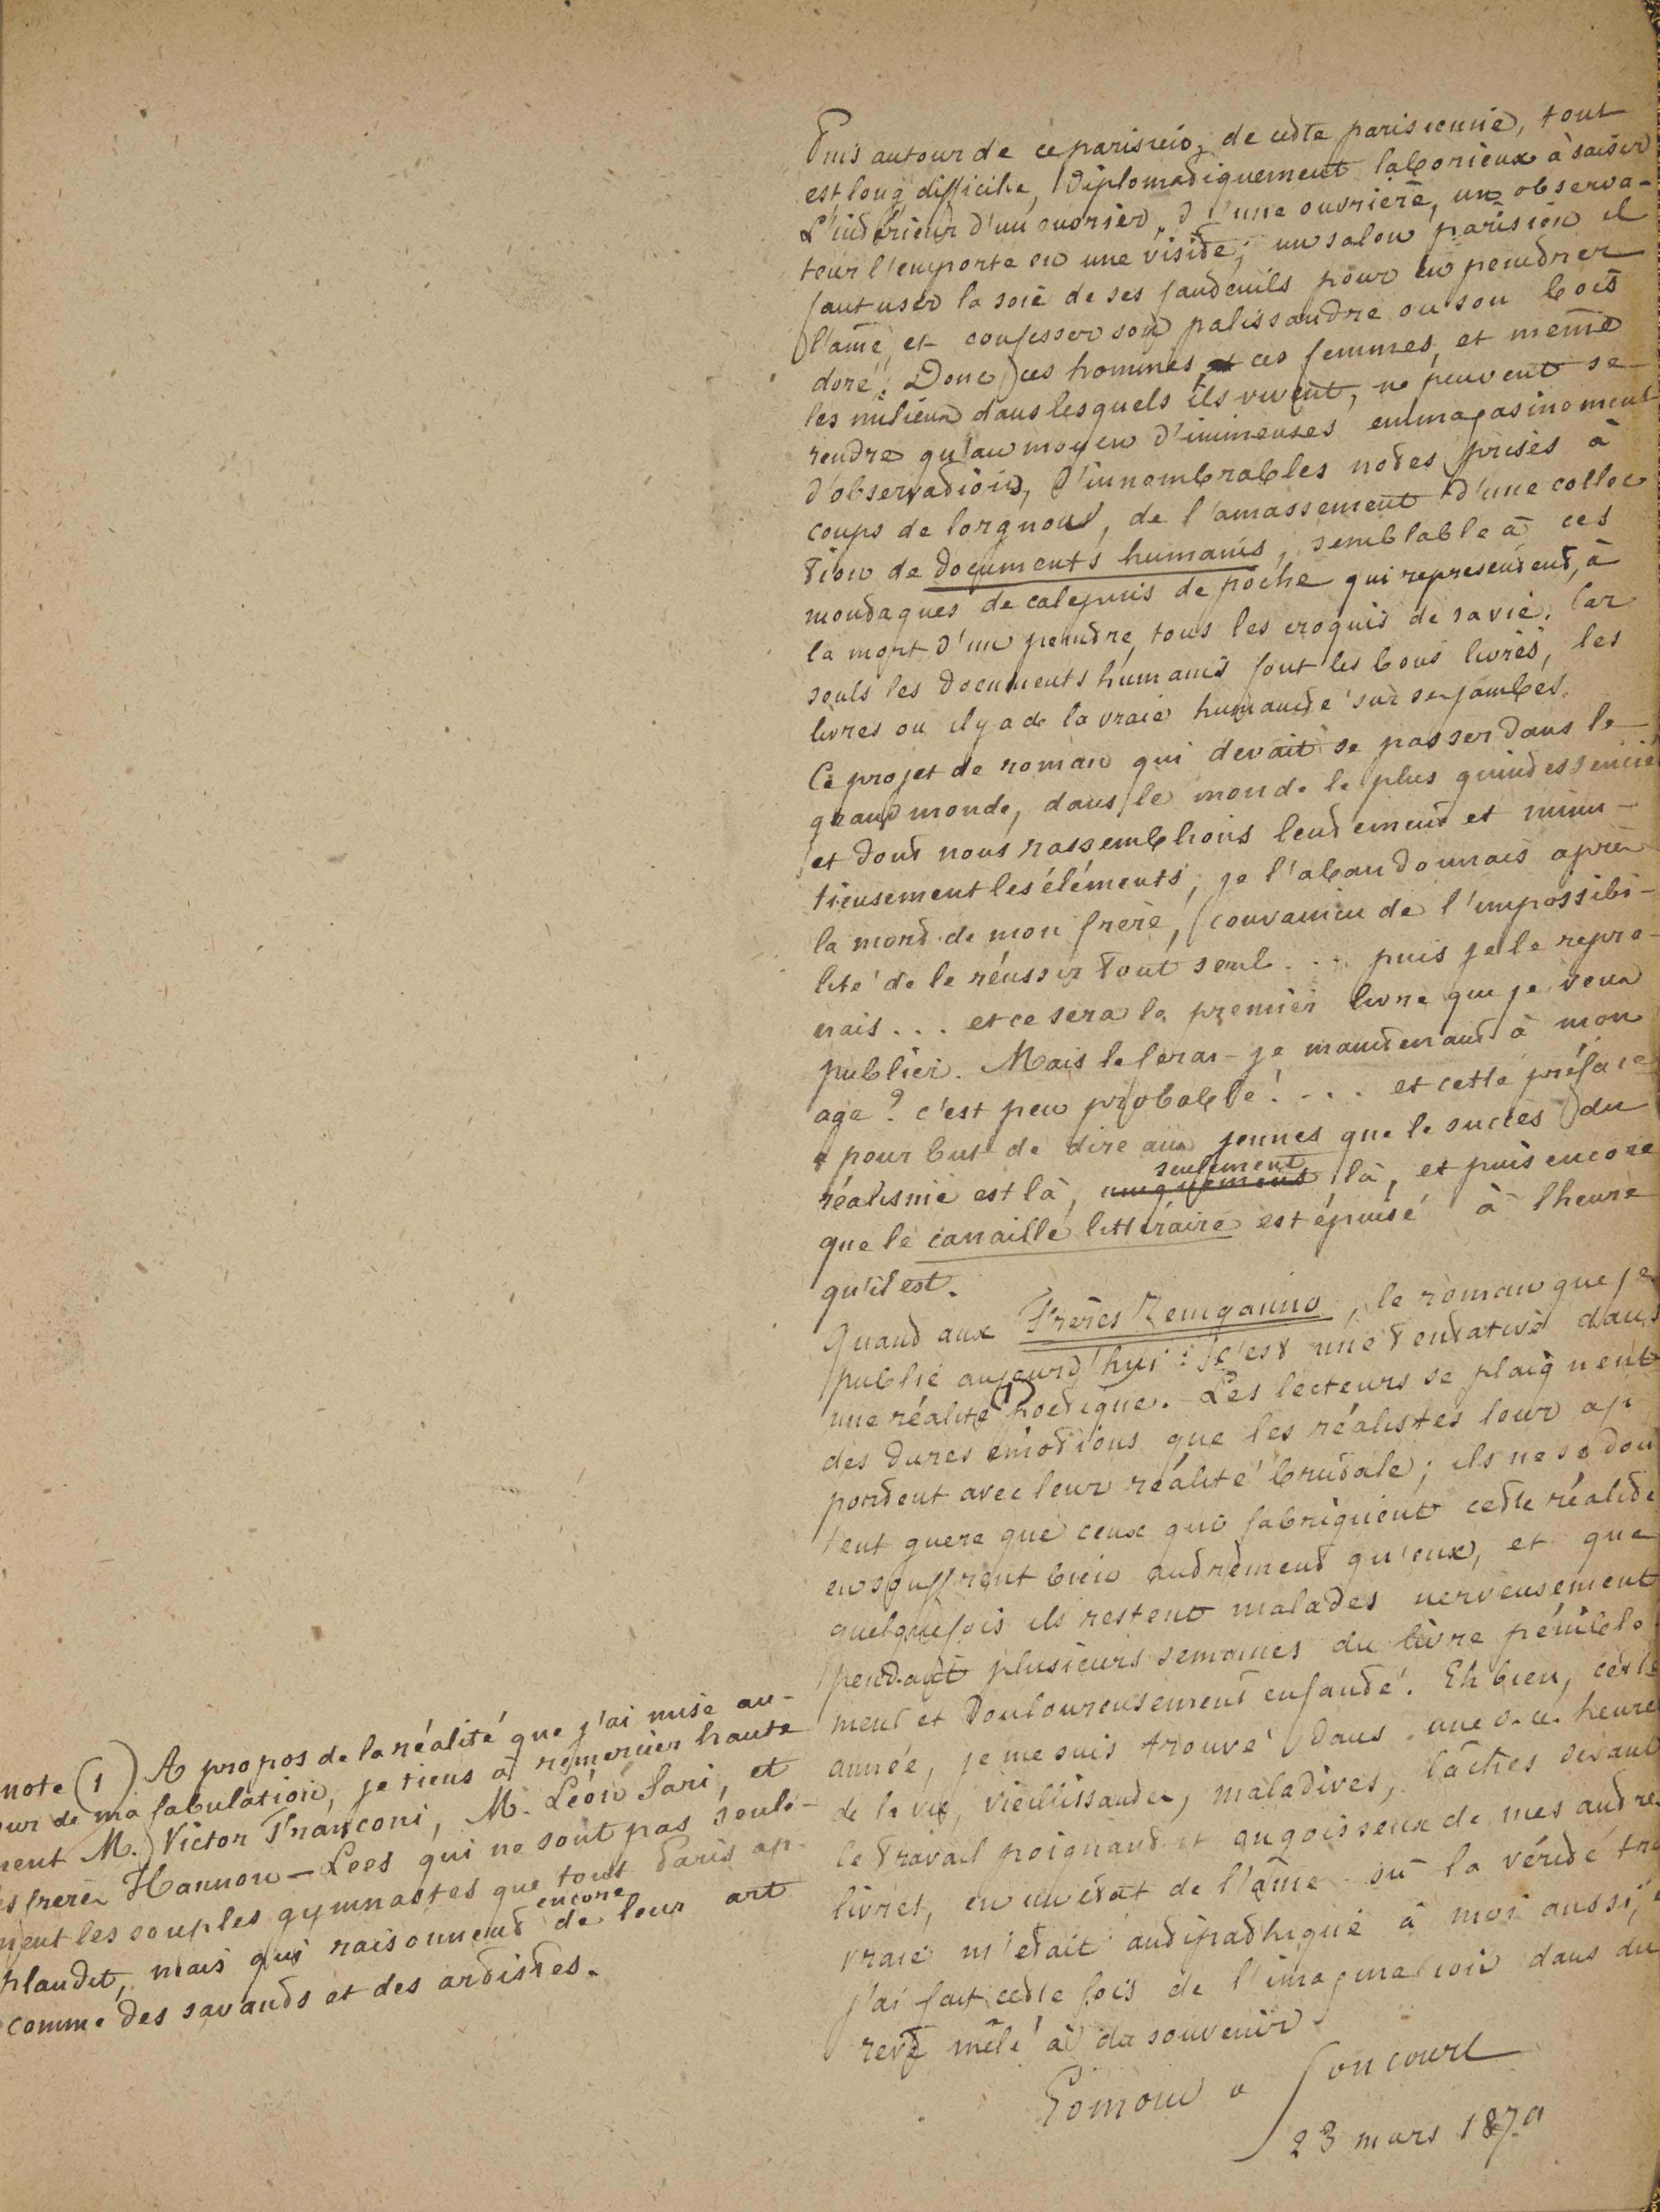 """GONCOURT, Edmond de (1822-1896). Les Frères Zemganno. Manuscrit autographe. Préface signée """"Goncourt"""" et datée """"23 mars 1879"""""""